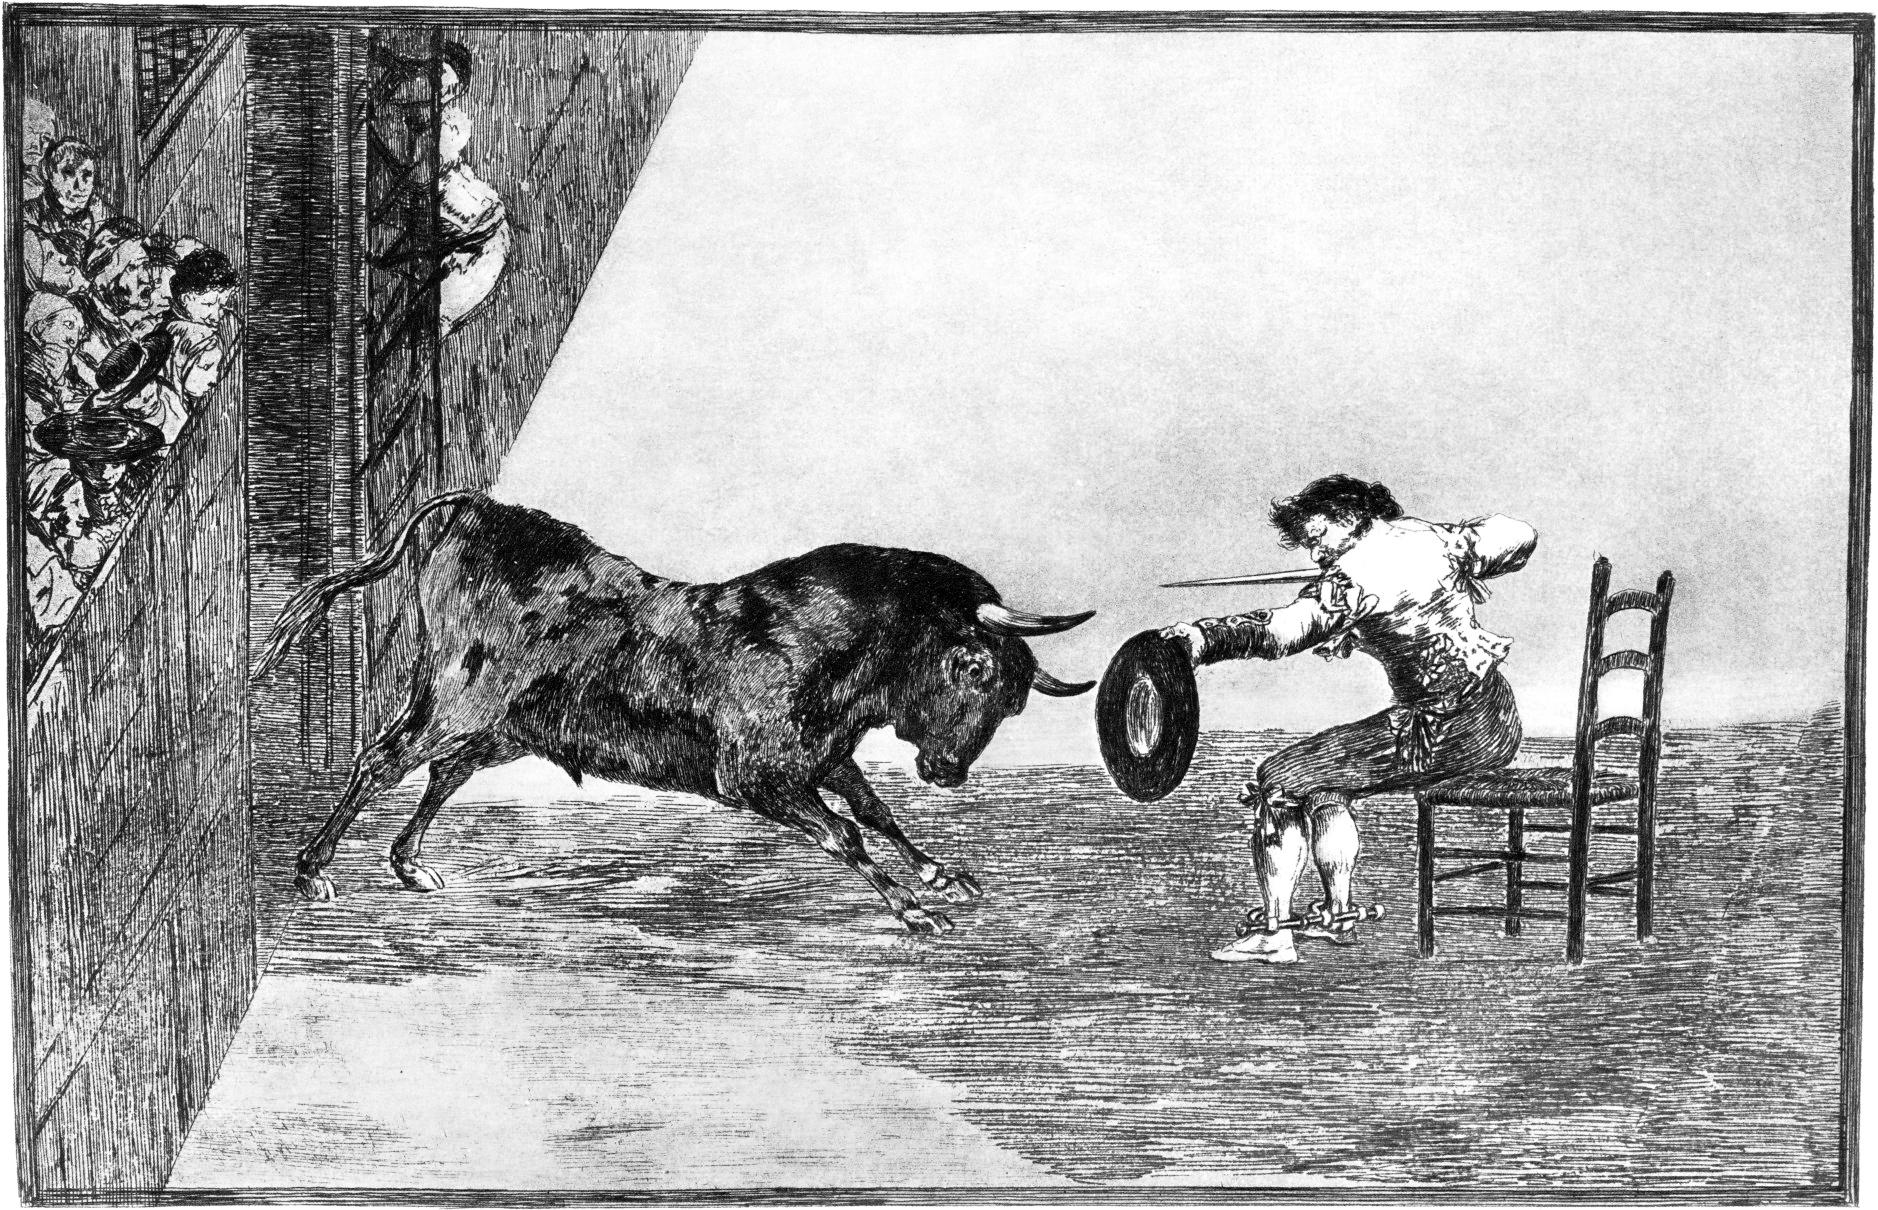 Francisco Goya,  Termeridad de martincho en la plaza de Zaragoza ,1815-16, Etching, Image courtesy The Art Company.